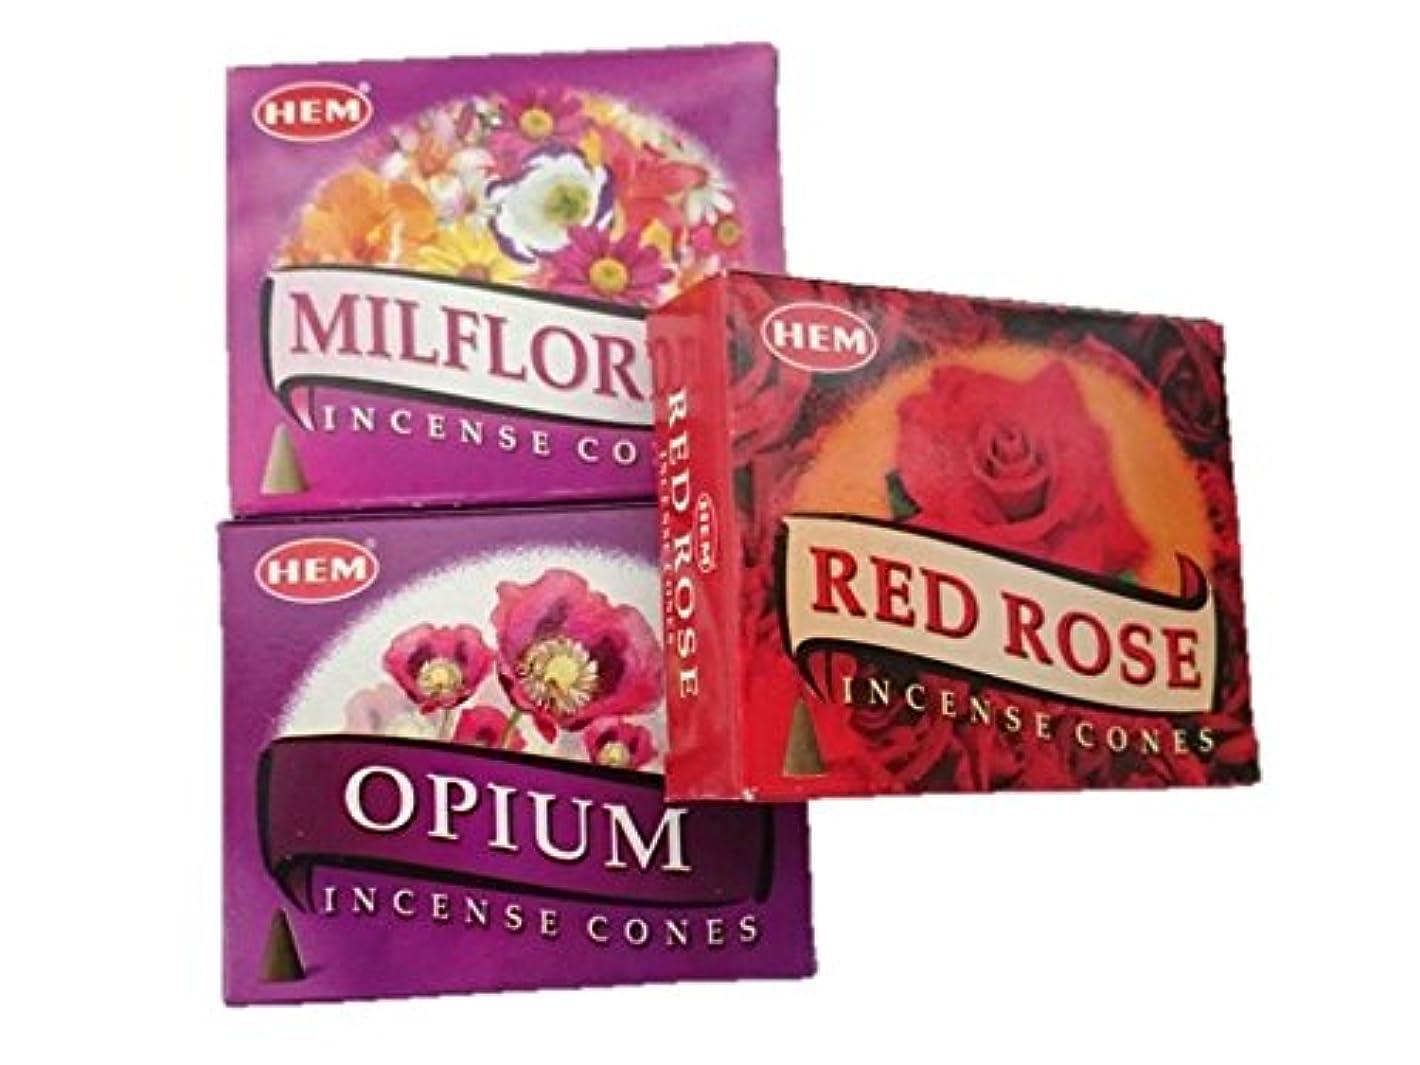 インフルエンザ実質的に簡単にHEM(ヘム)お香コーン ミルフローレス?オピウム?レッドローズ コーン3個セット